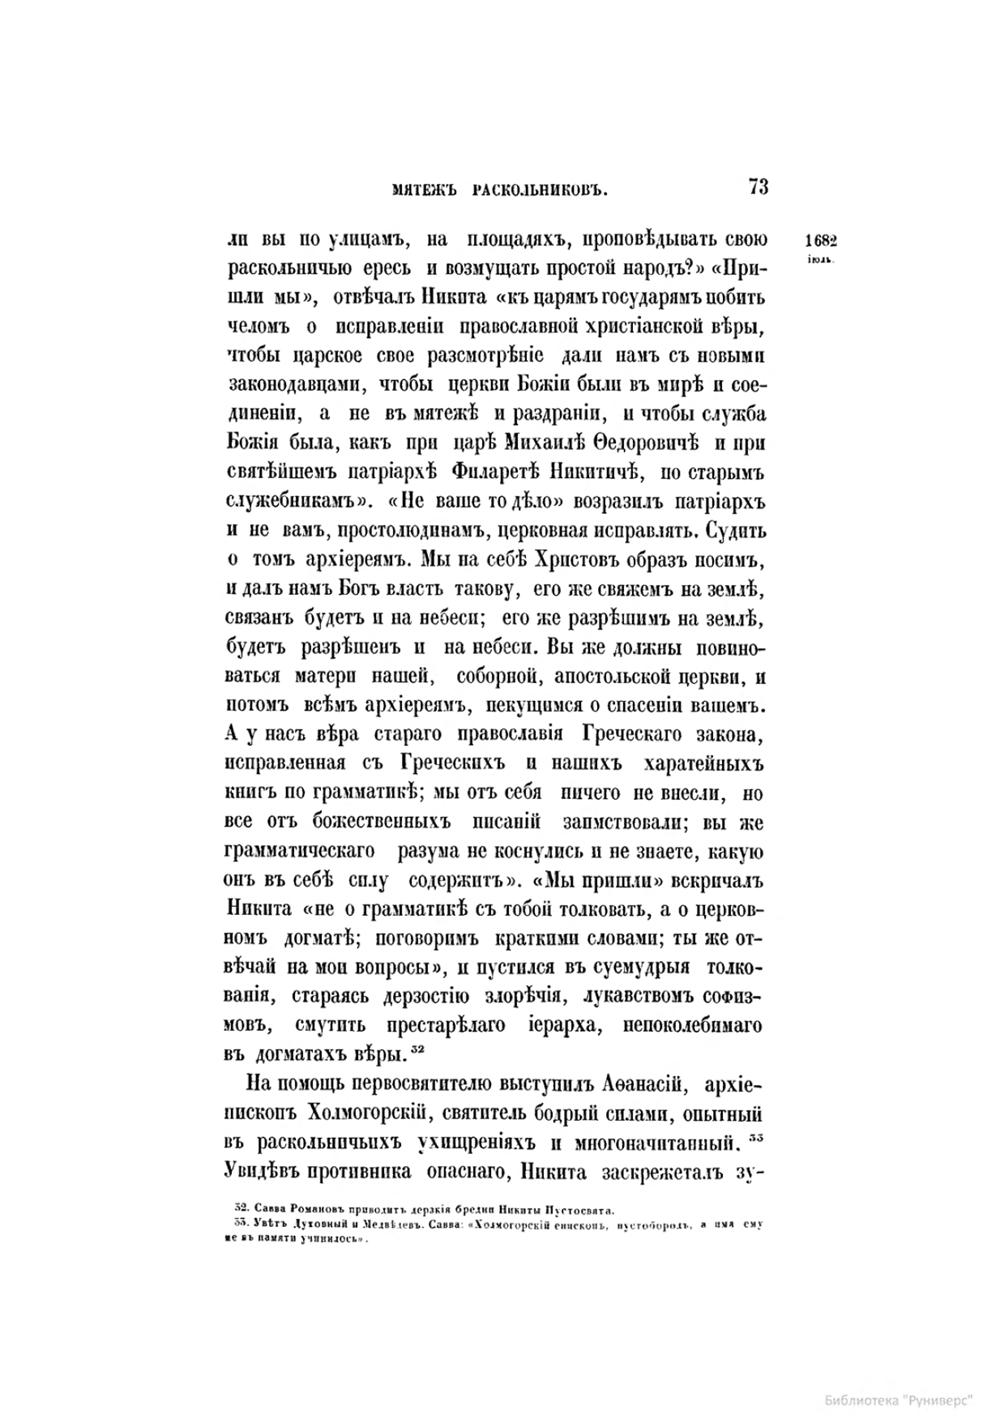 http://images.vfl.ru/ii/1406796900/12af177c/5856081.jpg